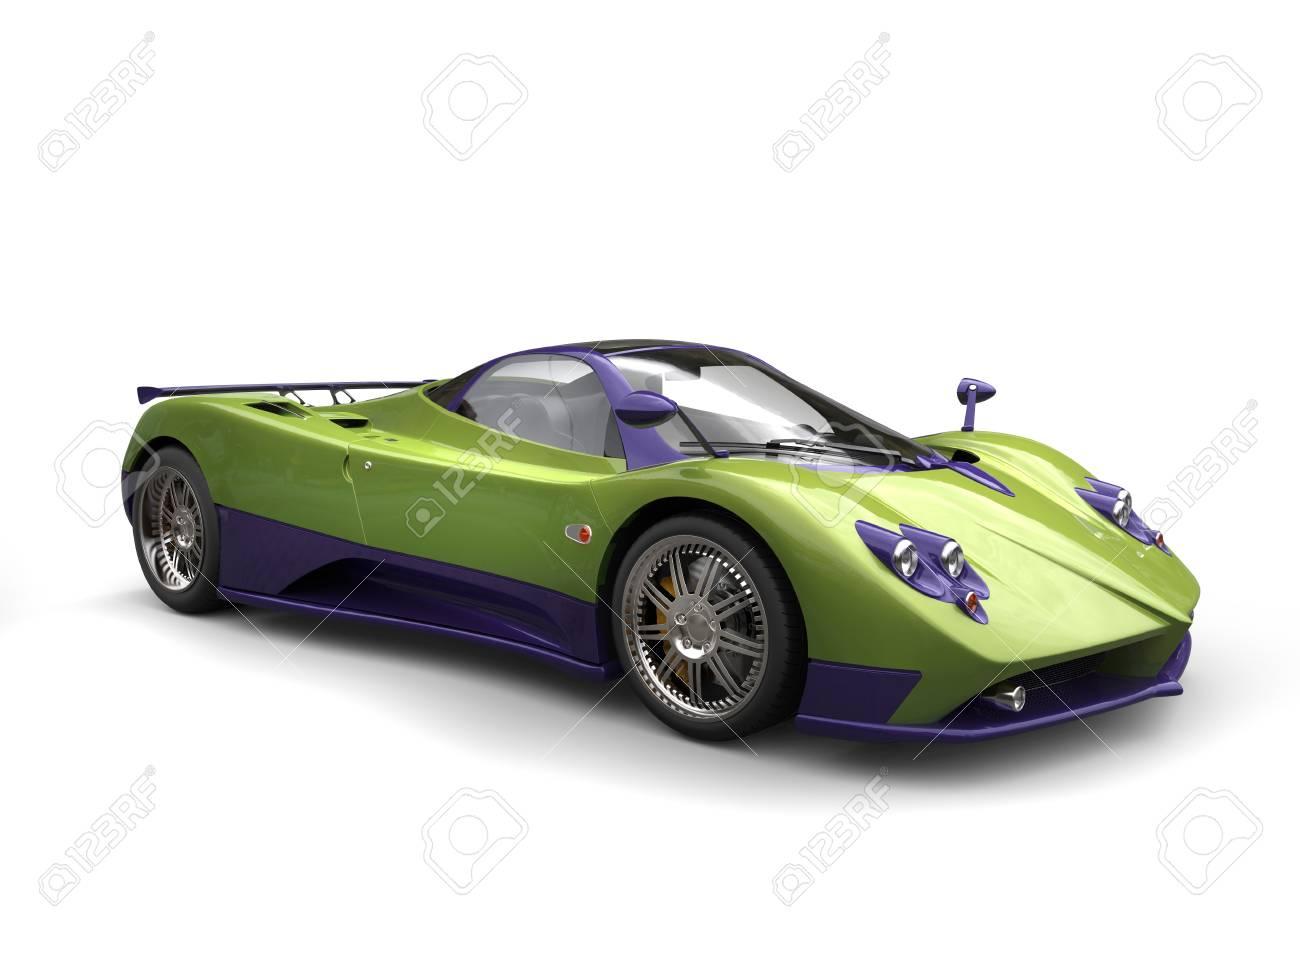 Voiture De Course Schema De Couleur Vert Metallique Violet